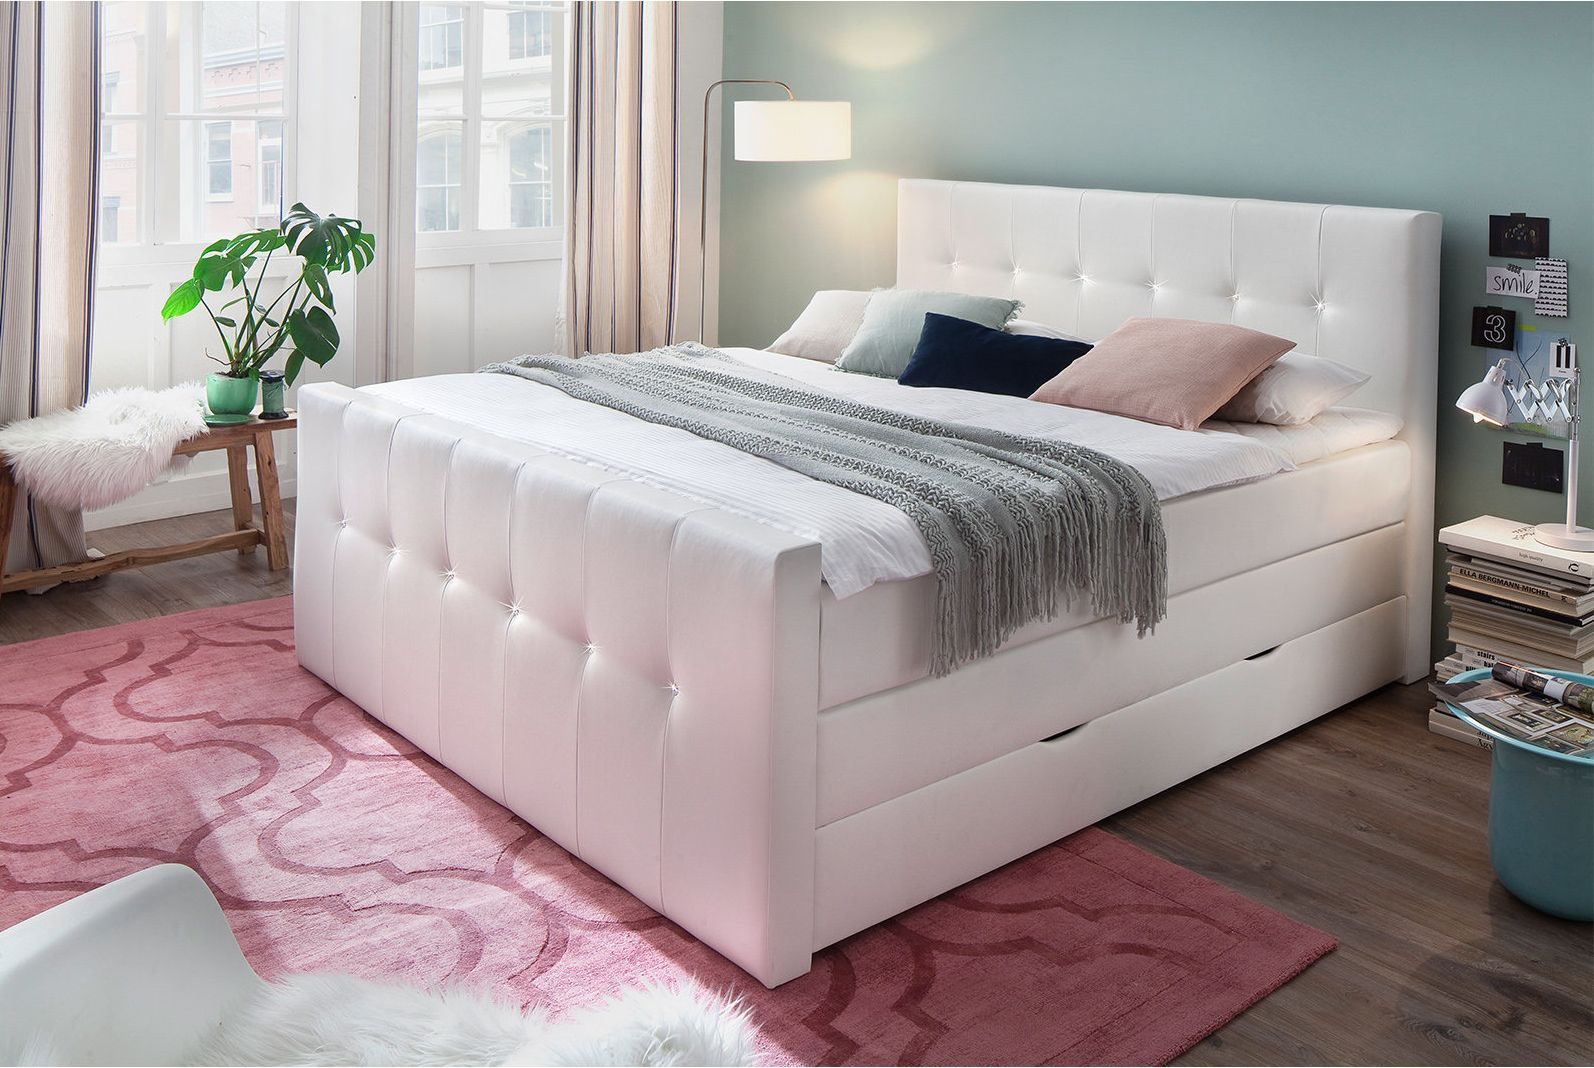 Ein Traum Von Einem Bett Ist Dieses Boxspringbett Moon Mit Weissem Kunstlederbezug Und Mit Eindrucksvollen Steinchen In Romantische Deko Bettfedern Bettgestell